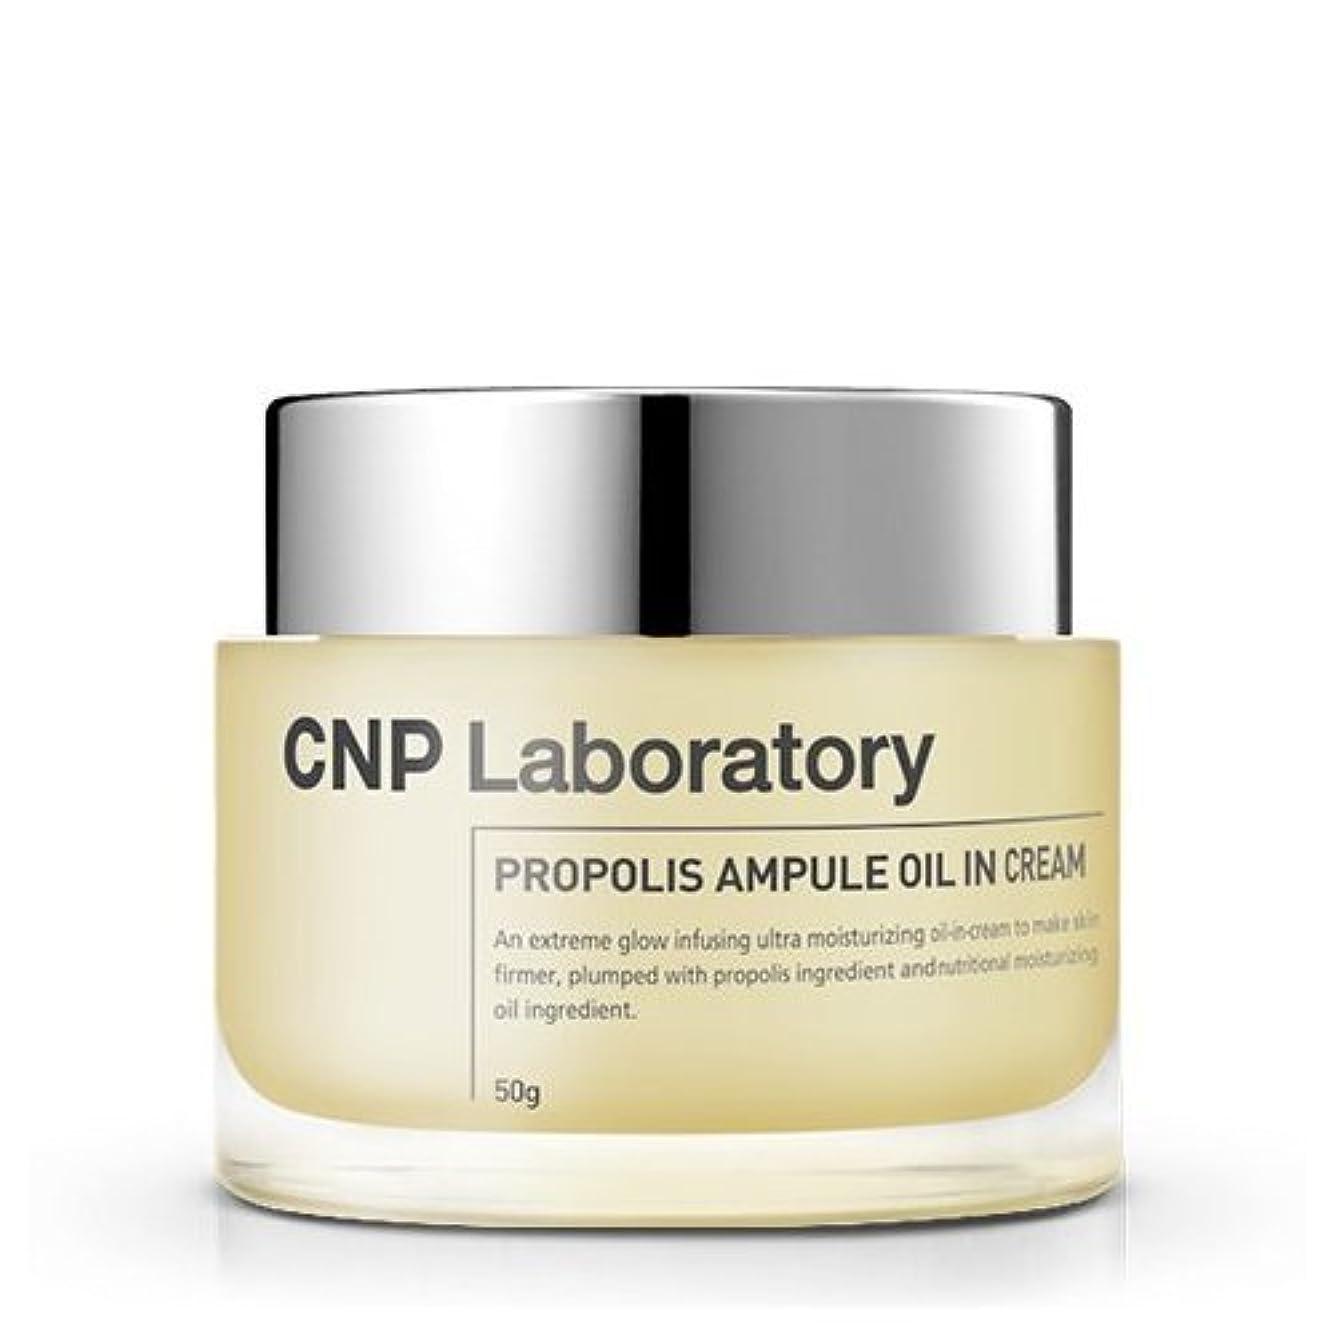 ネックレス診療所エクスタシーCNP Laboratory プロポリスアンプルオイルインクリーム50ミリリットル